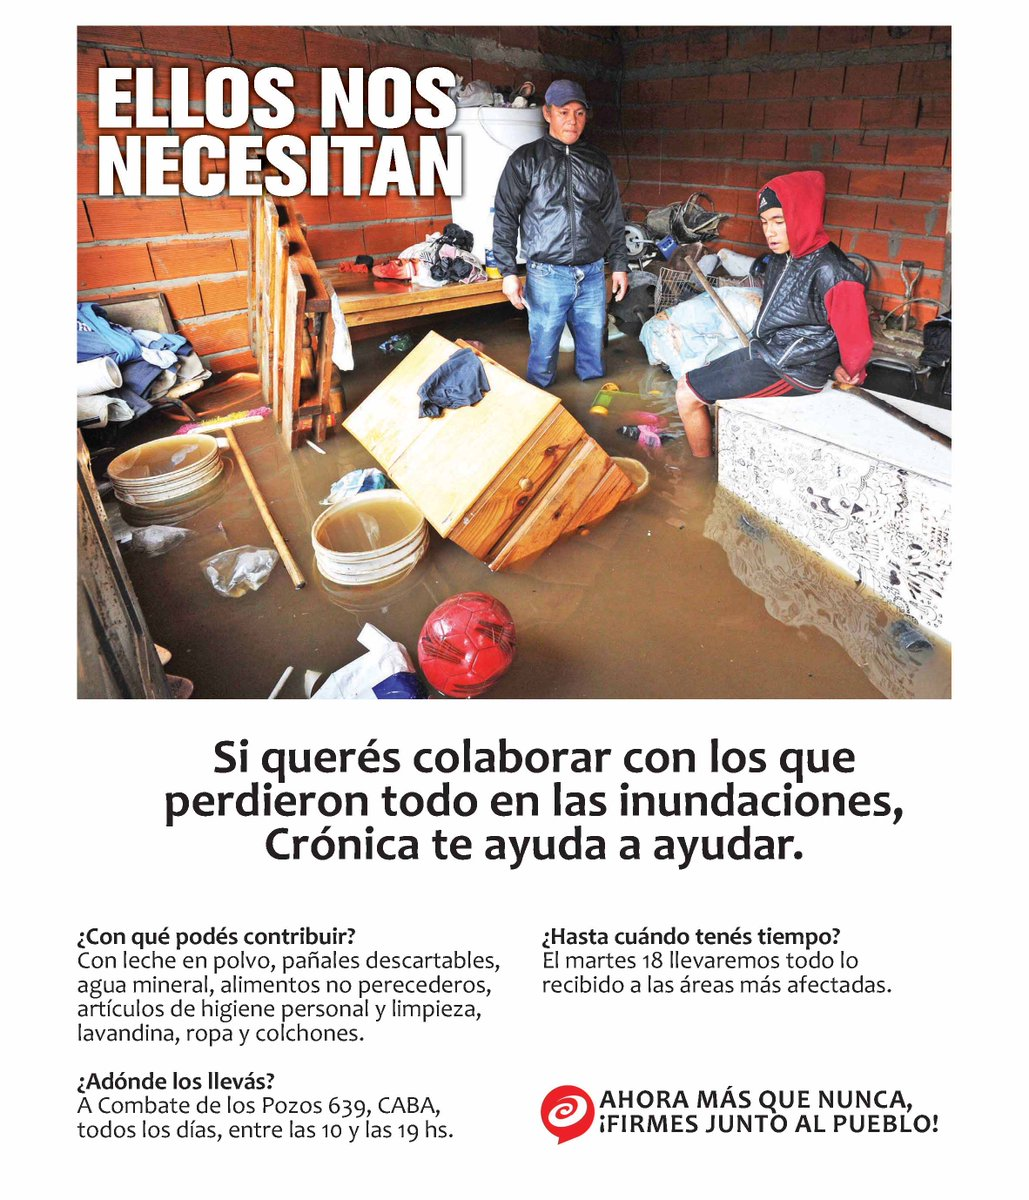 #MovidaSolidaria | Si querés colaborar con los que perdieron todo en las inundaciones, Crónica te ayuda a ayudar http://t.co/KvKsvlp6hL